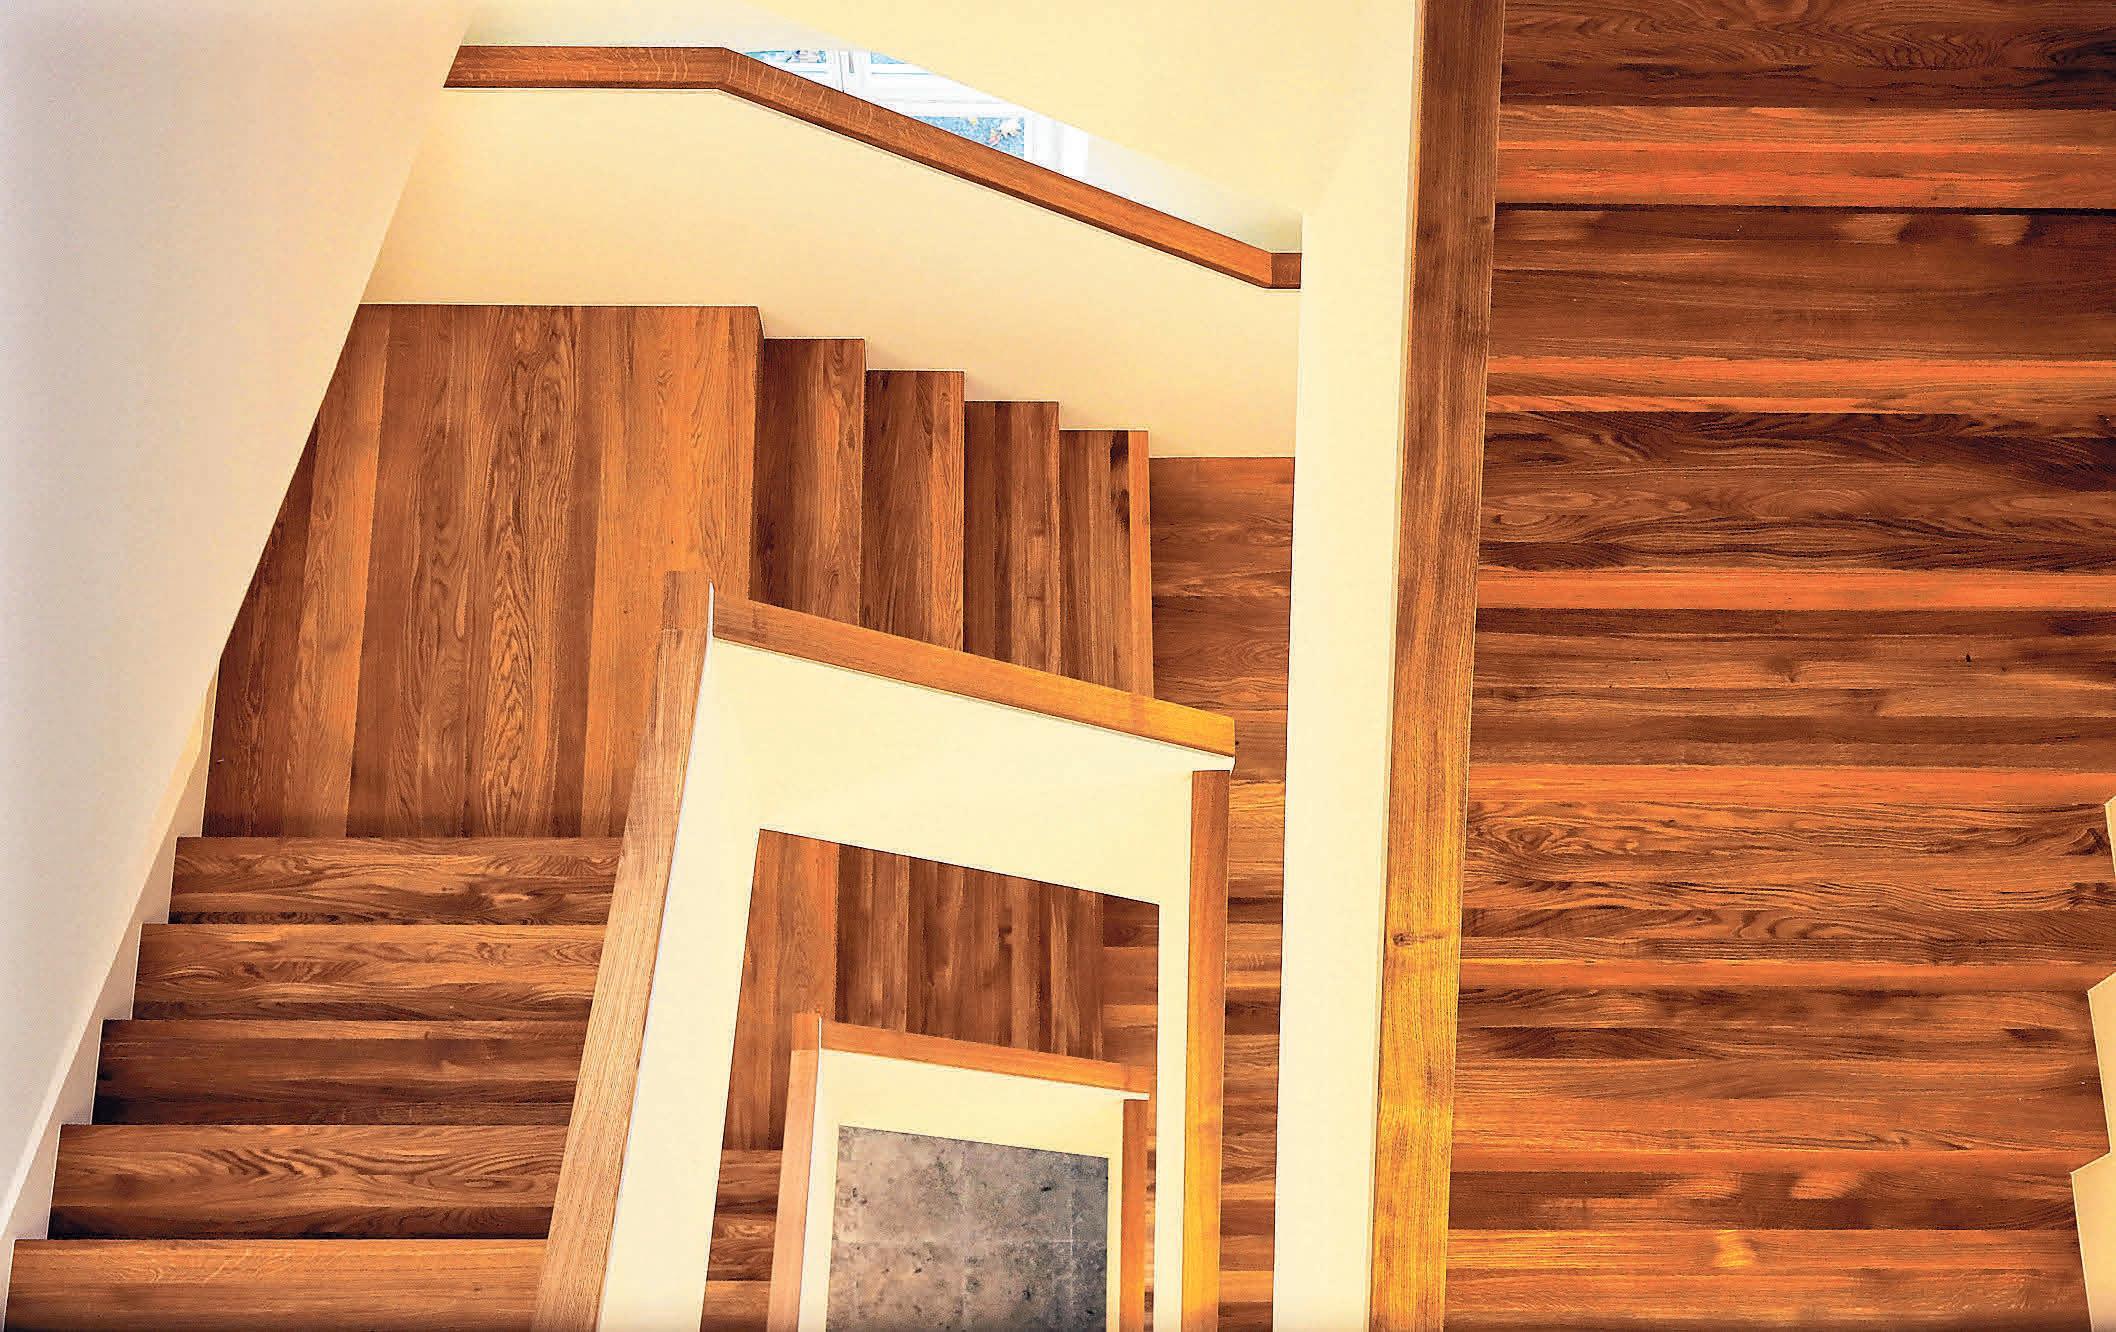 Das neue Treppenhaus, dem vier Zimmer weichen mussten, gewährleistet einen sicheren Ausgang. Die Materialien, die im Treppenhaus benutzt wurden, sind vom Feinsten.